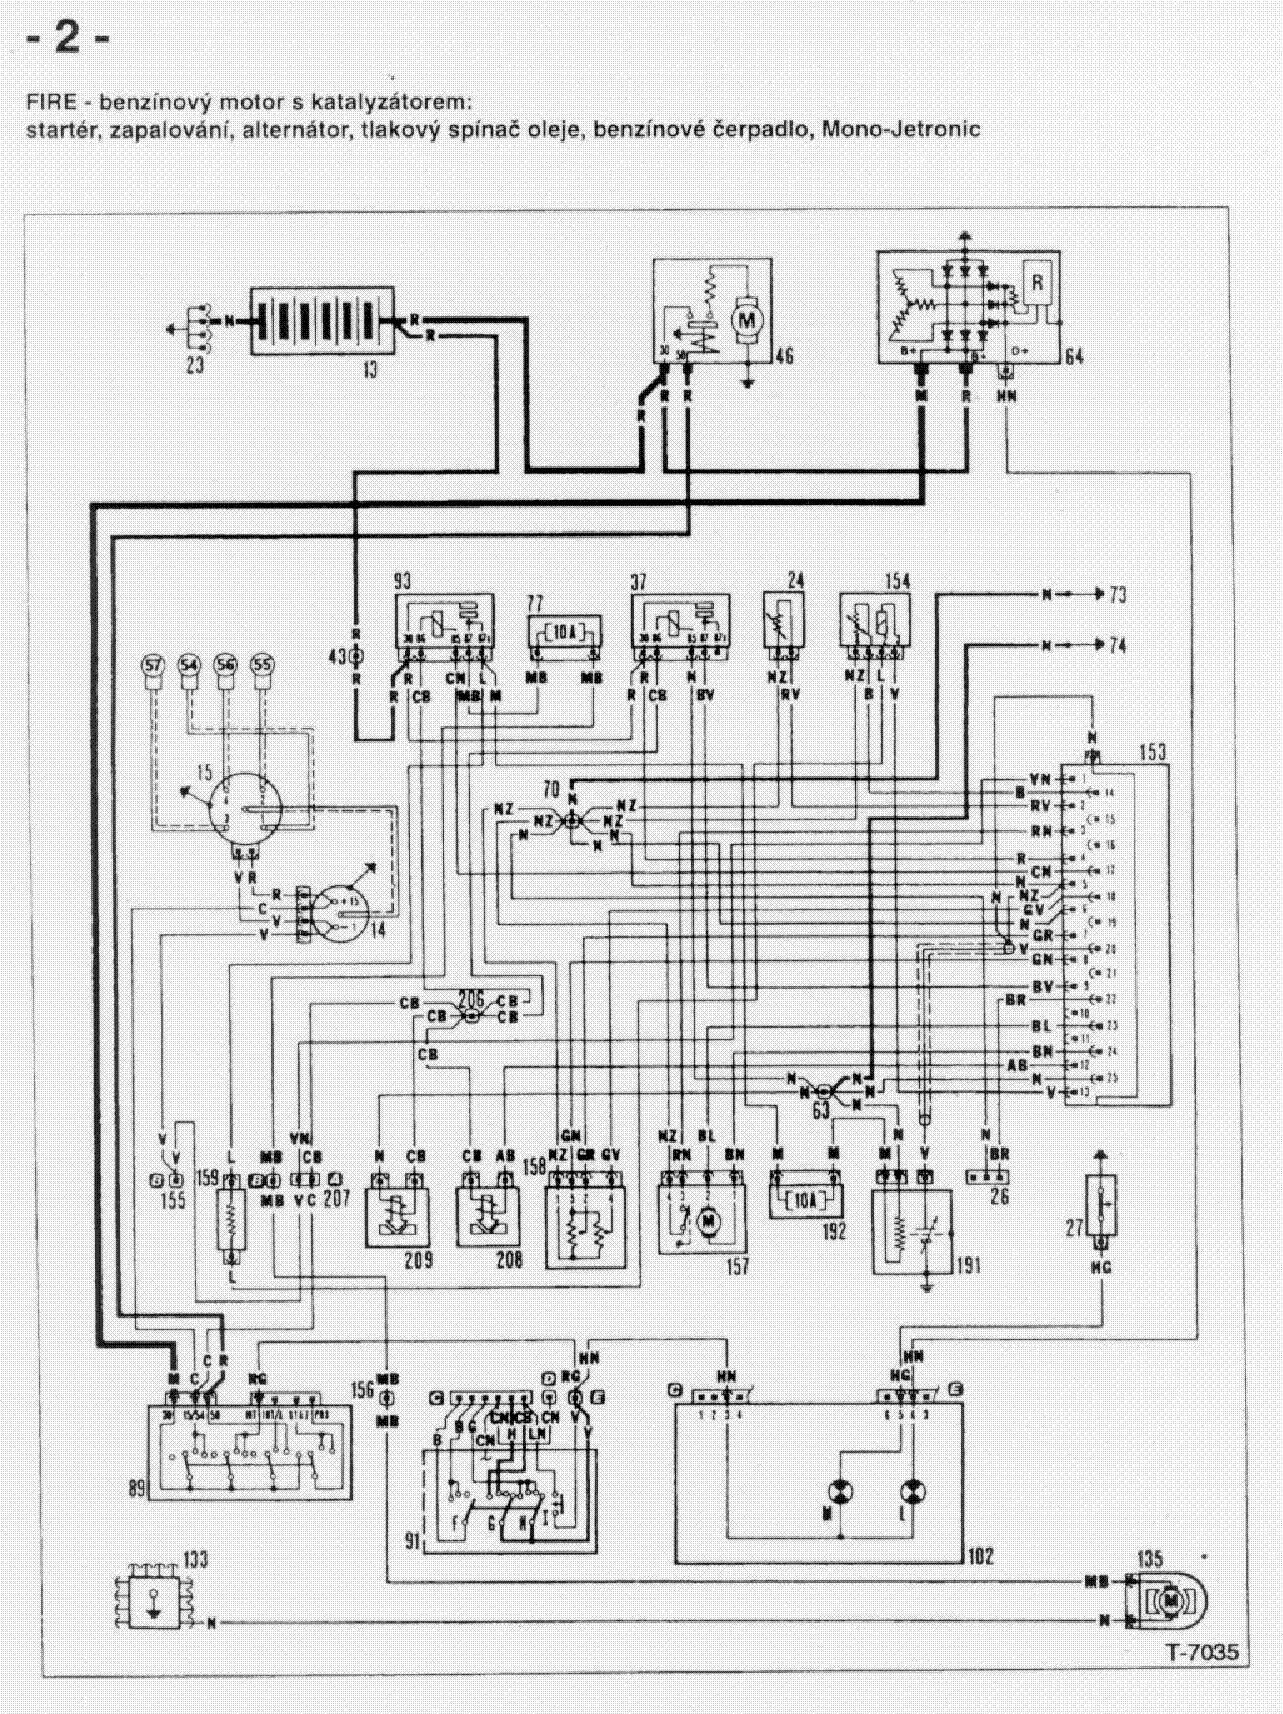 Ev 9518 Fiat Vacuum Diagram Fiat Circuit Diagrams Schematic